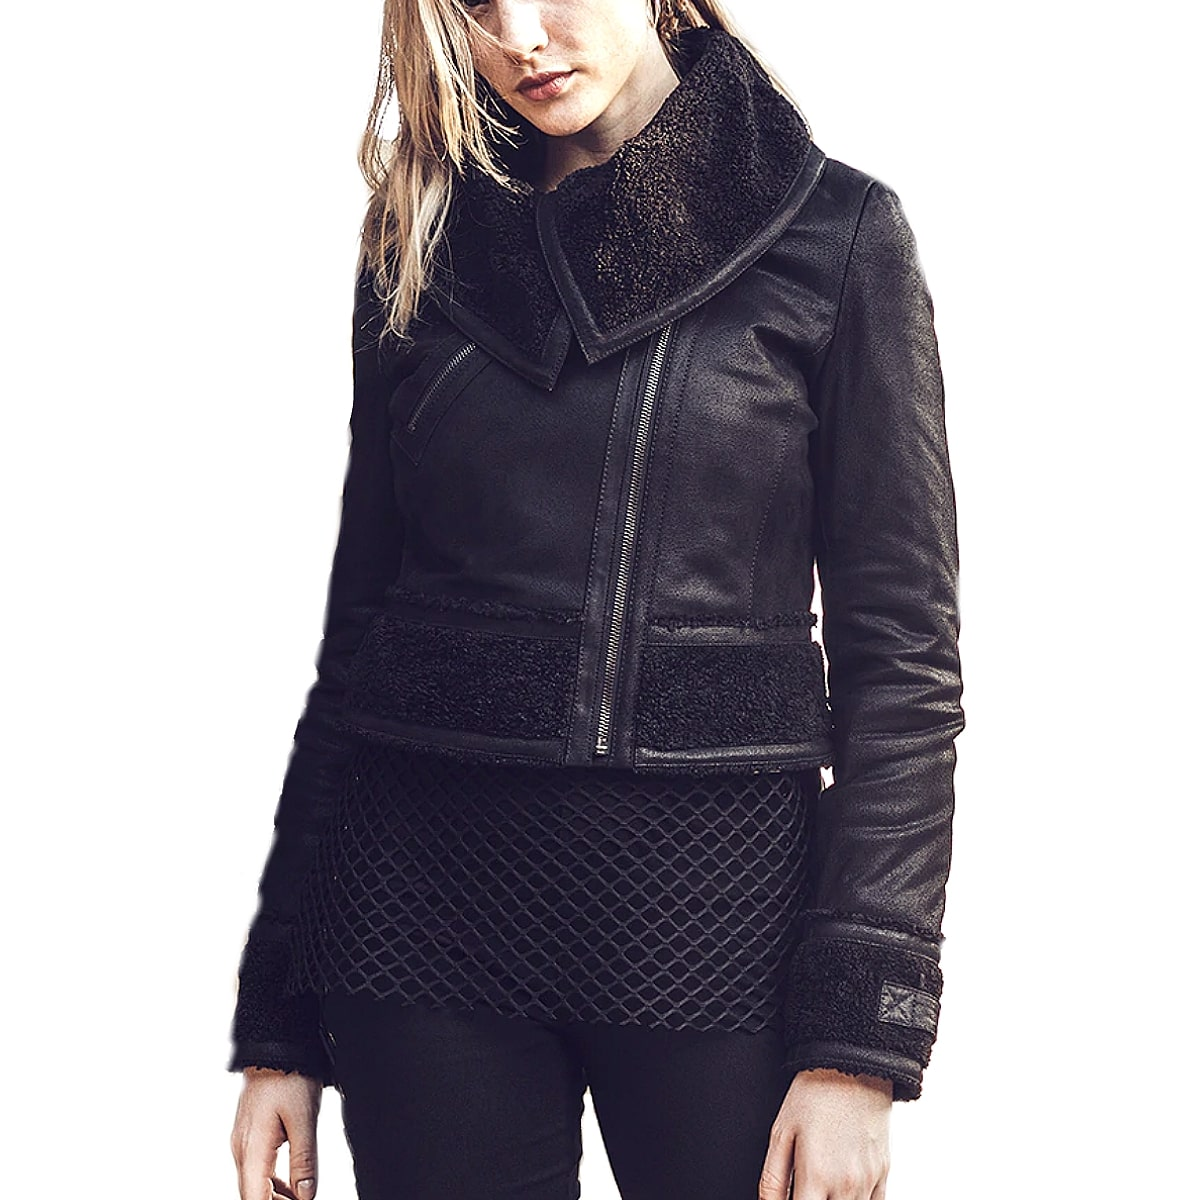 【送料無料!】全7サイズ! [Women's Black Pigskin Genuine Leather Short Riders Jacket] レディース ブラック ピッグスキン ジェニュインレザー ショート ライダースジャケット! ウィメンズ 女性用 本革 豚革 革ジャン ブラック ボア コート アウター バイクに!